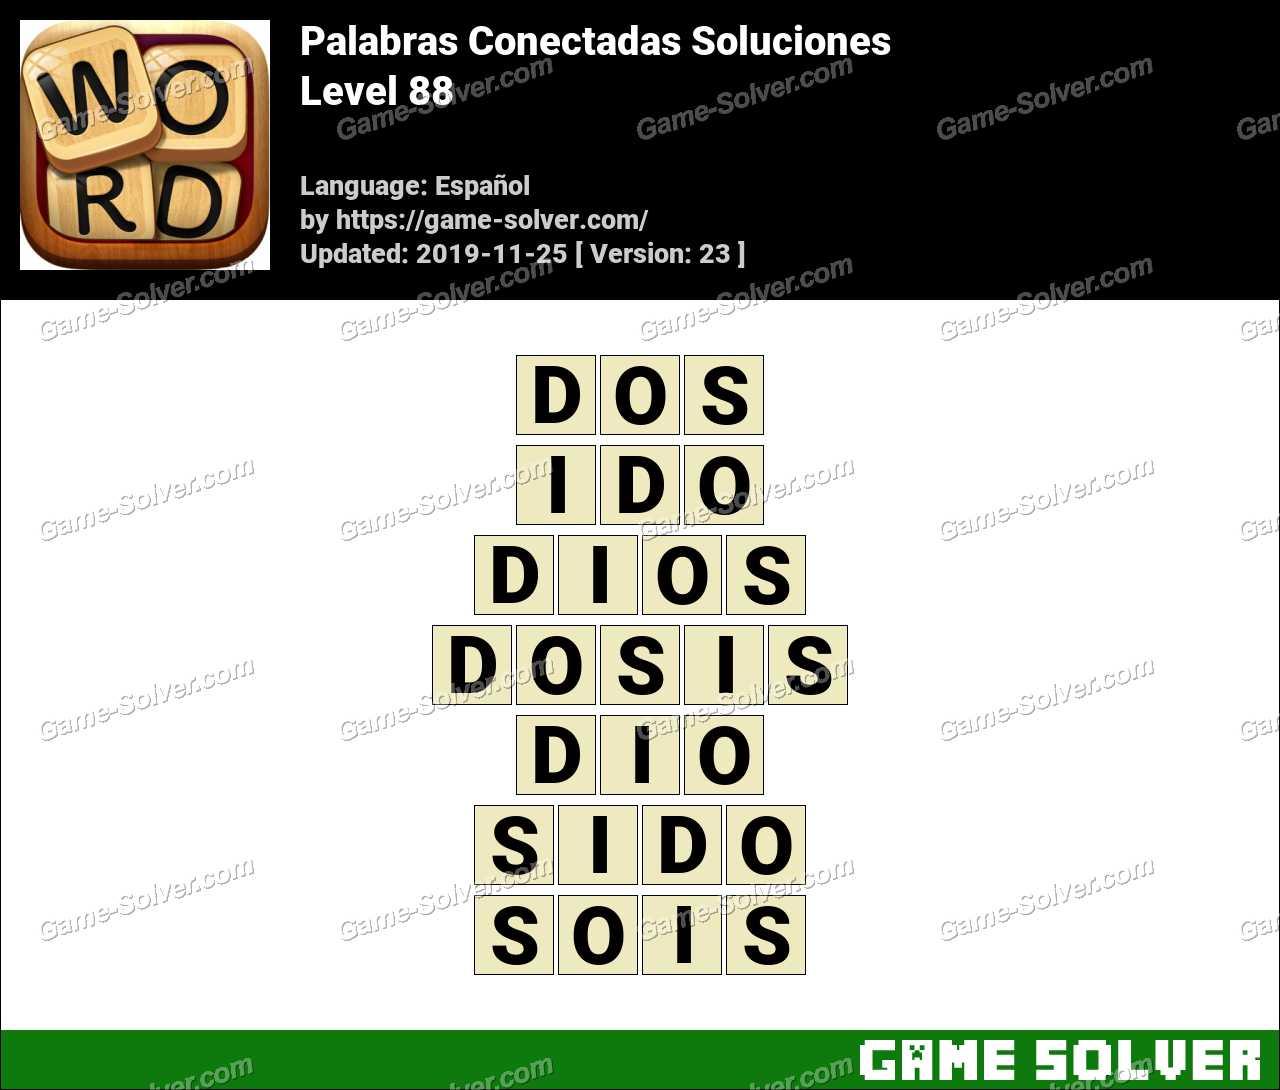 Palabras Conectadas Nivel 88 Soluciones